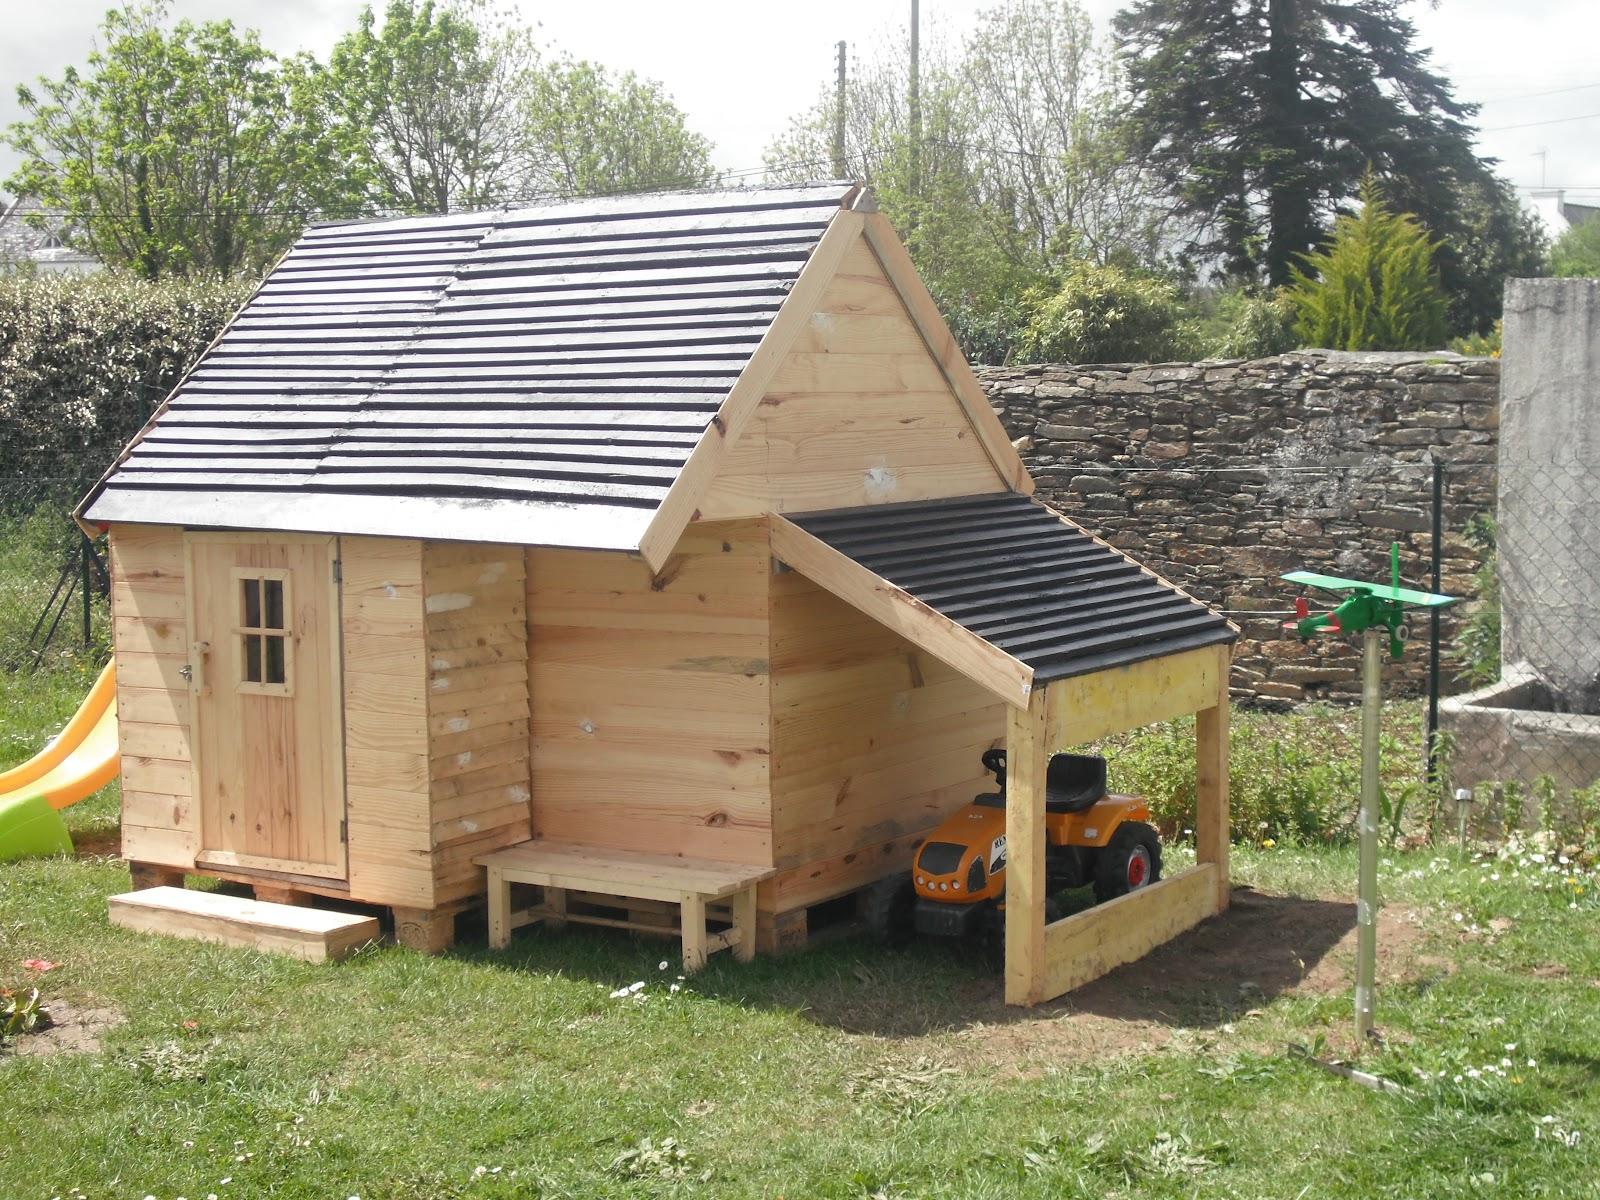 Mes fabrications construction d 39 une cabane en bois pour - Cabane de jardin en bois pour enfants ...